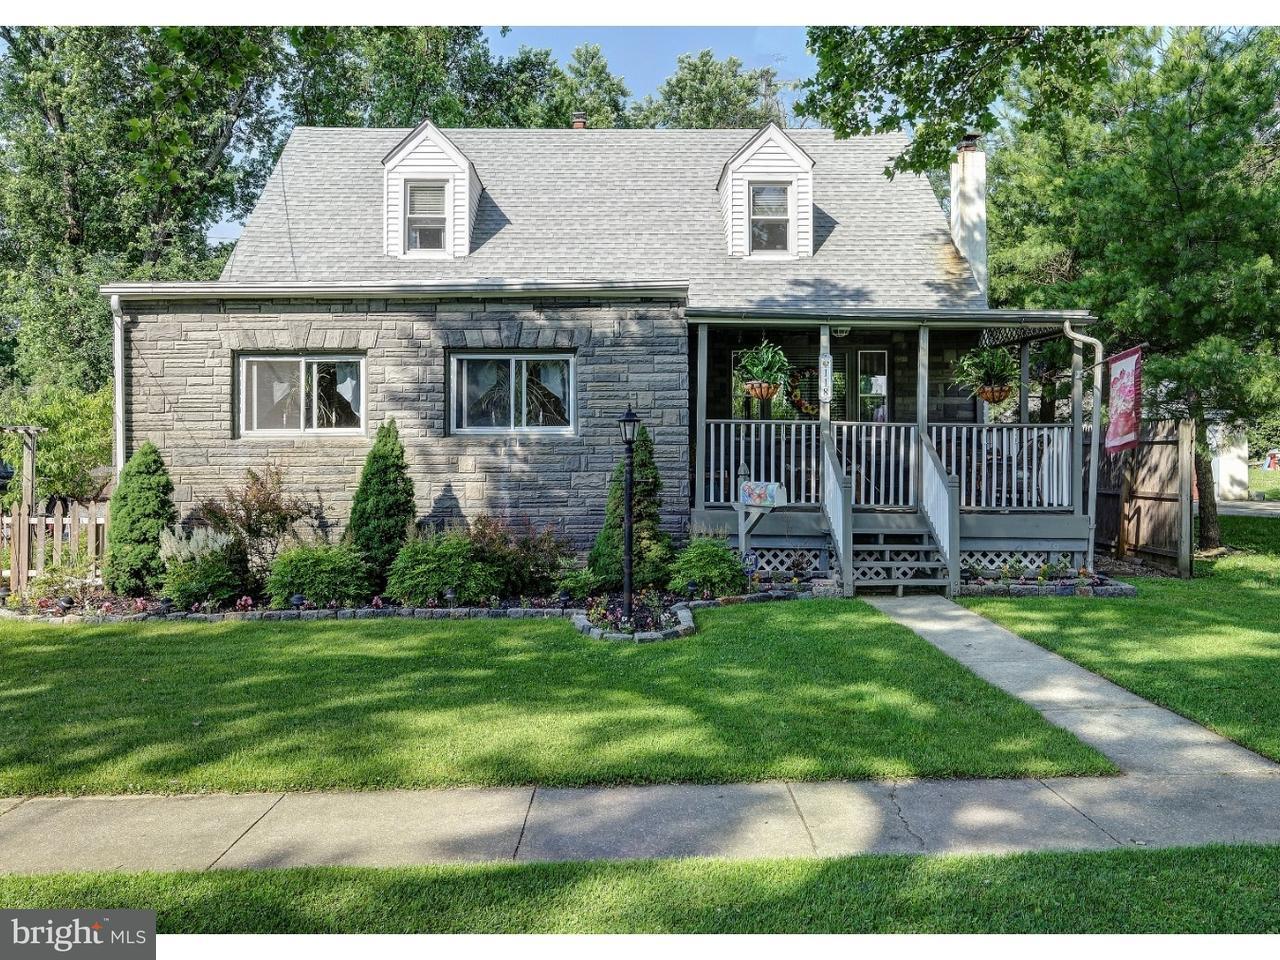 Tek Ailelik Ev için Satış at 118 2ND Avenue Barrington, New Jersey 08007 Amerika Birleşik Devletleri